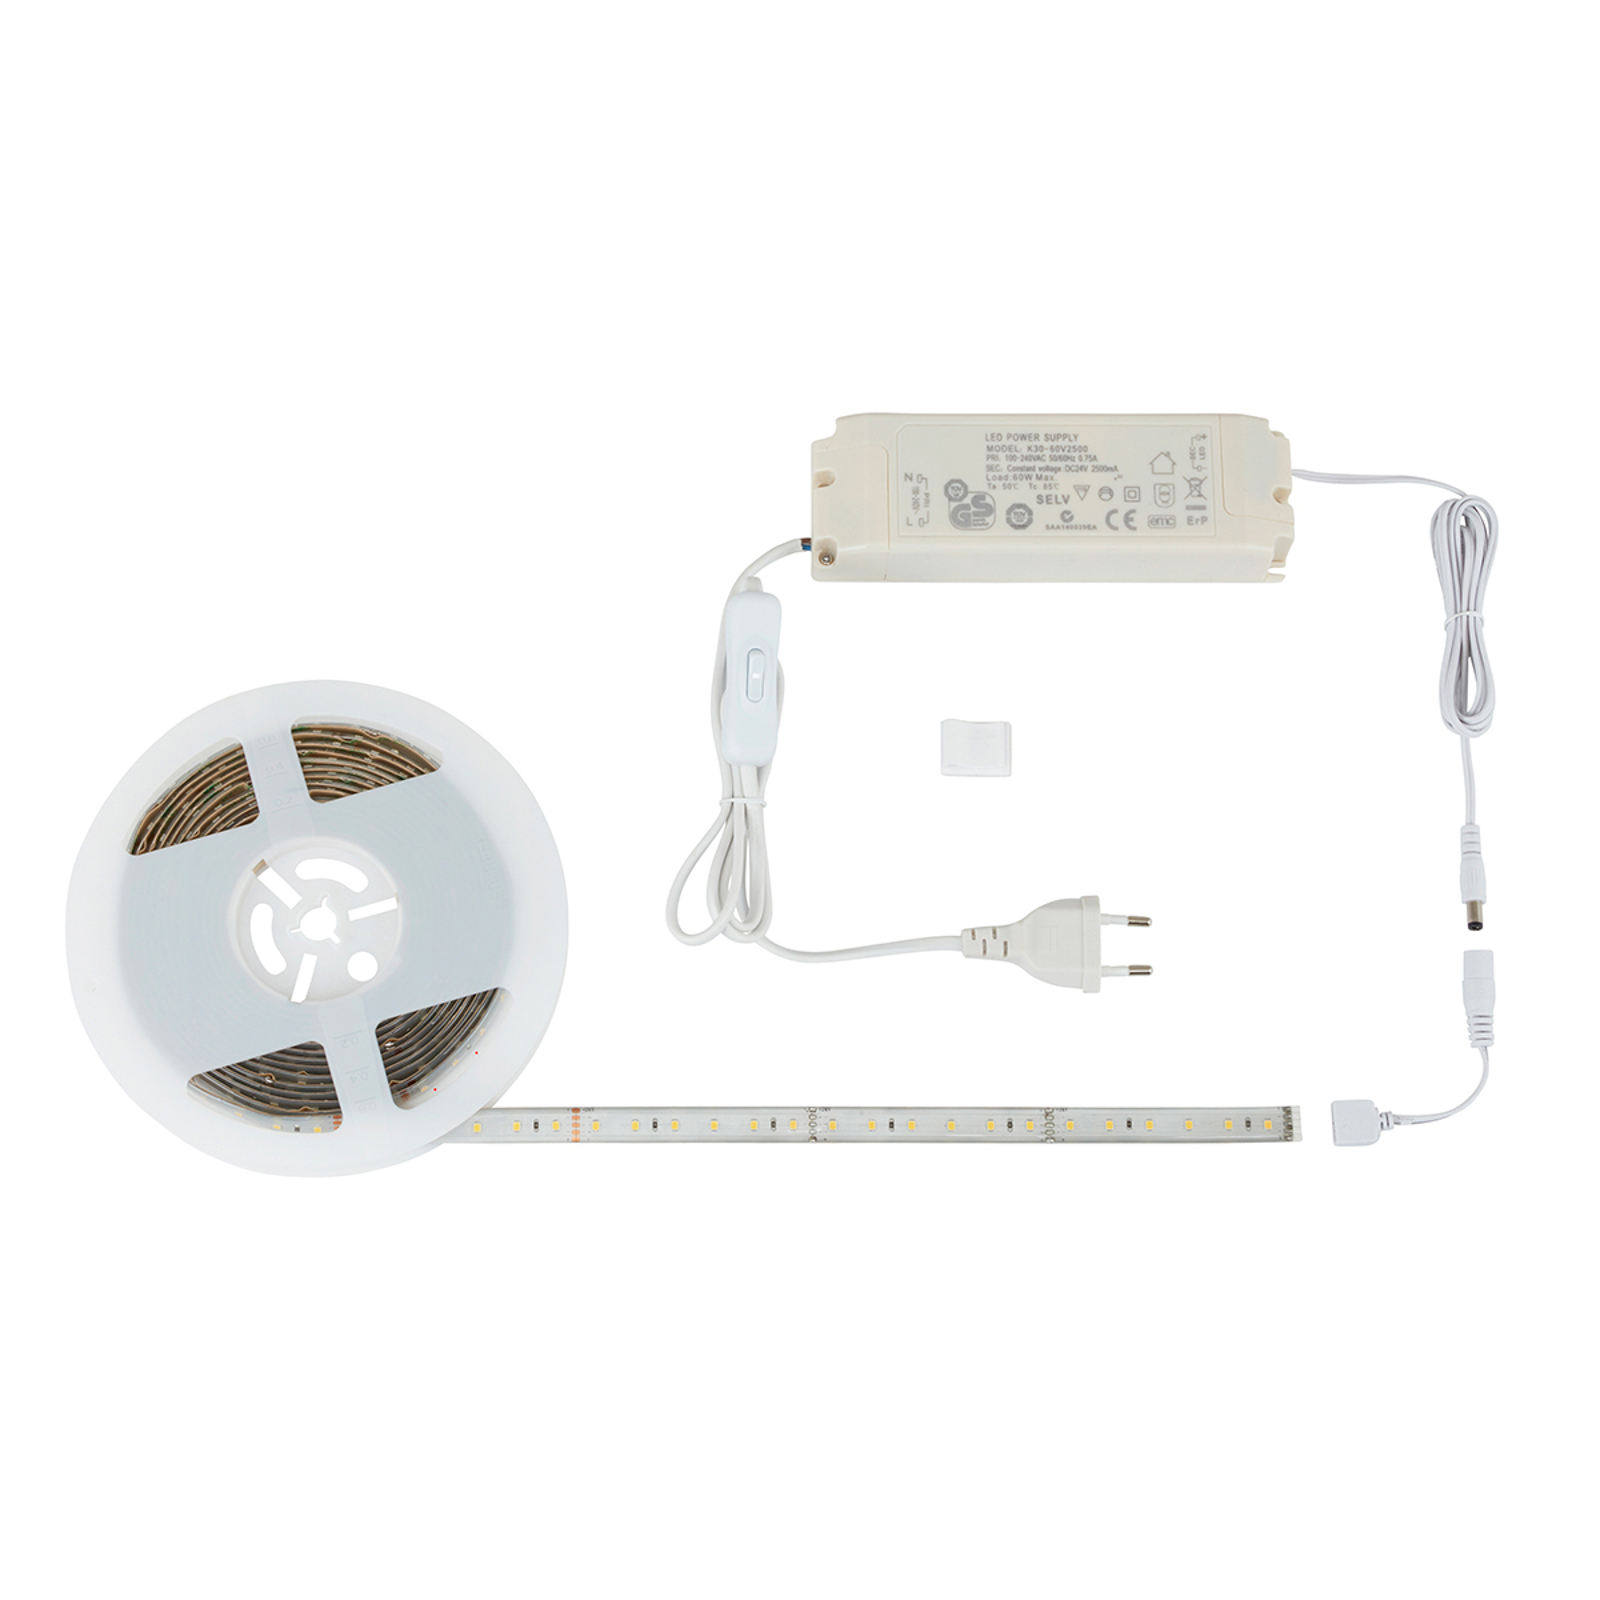 Effektfull LED-list Flex med strömbrytare